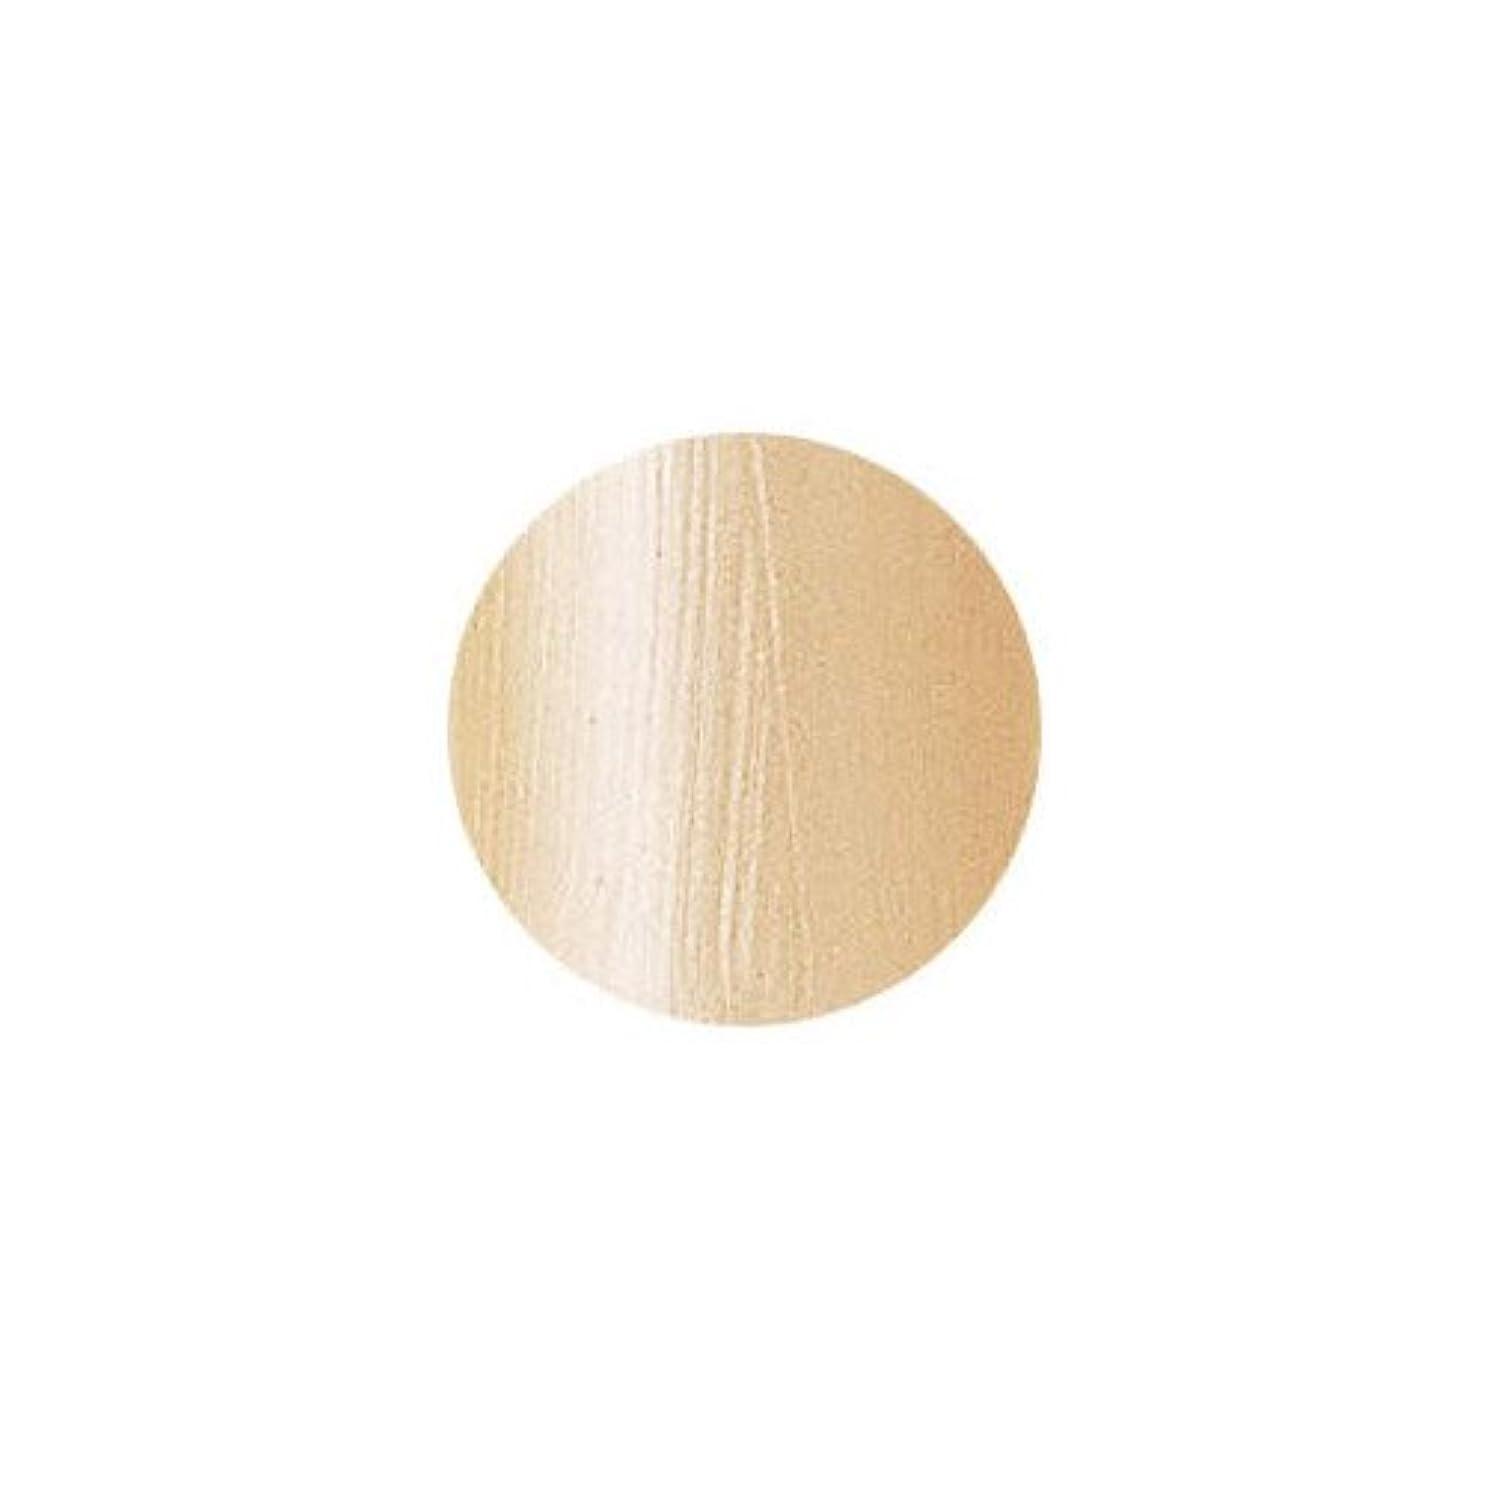 窓を洗う確執セミナーバイオスカルプチュア(バイオジェル) カラージェル 〔4g〕 (3) 83:カリビアンタン